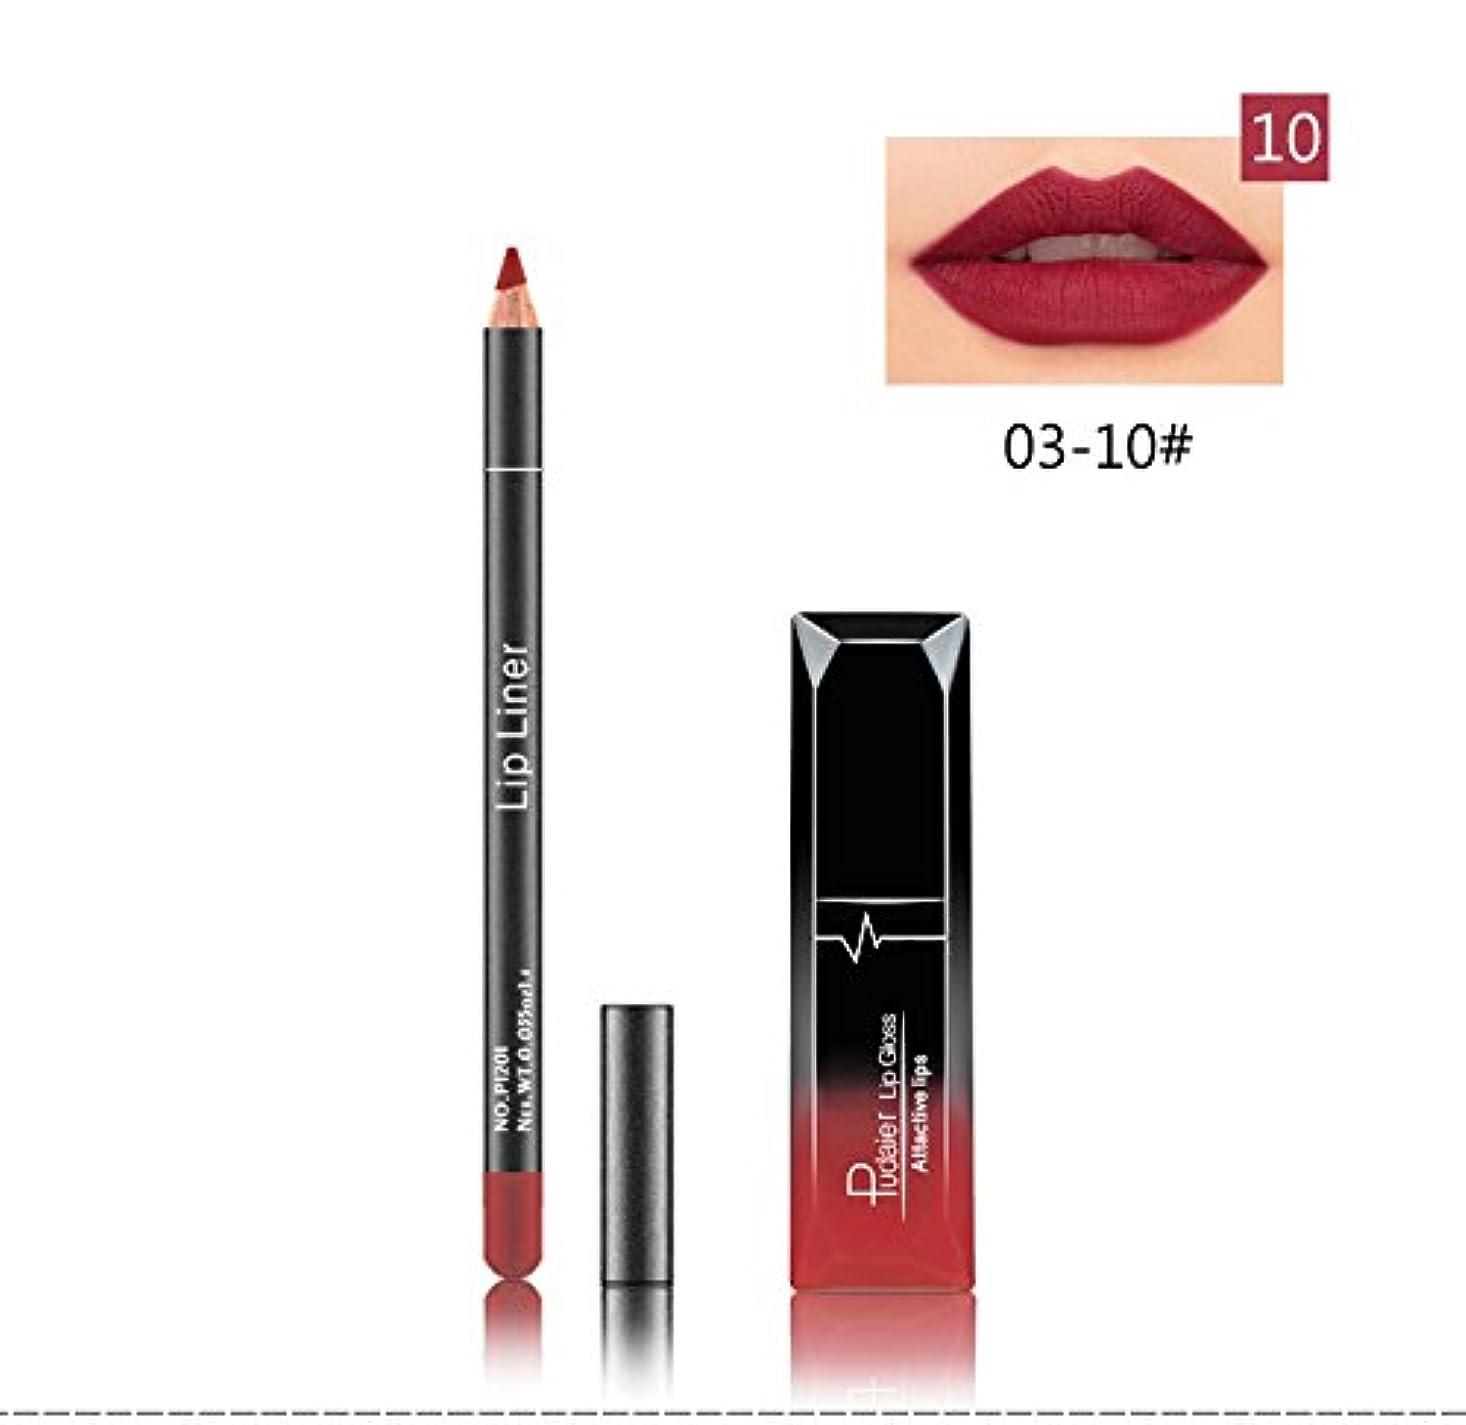 教室チキン回復する(10) Pudaier 1pc Matte Liquid Lipstick Cosmetic Lip Kit+ 1 Pc Nude Lip Liner Pencil MakeUp Set Waterproof Long...